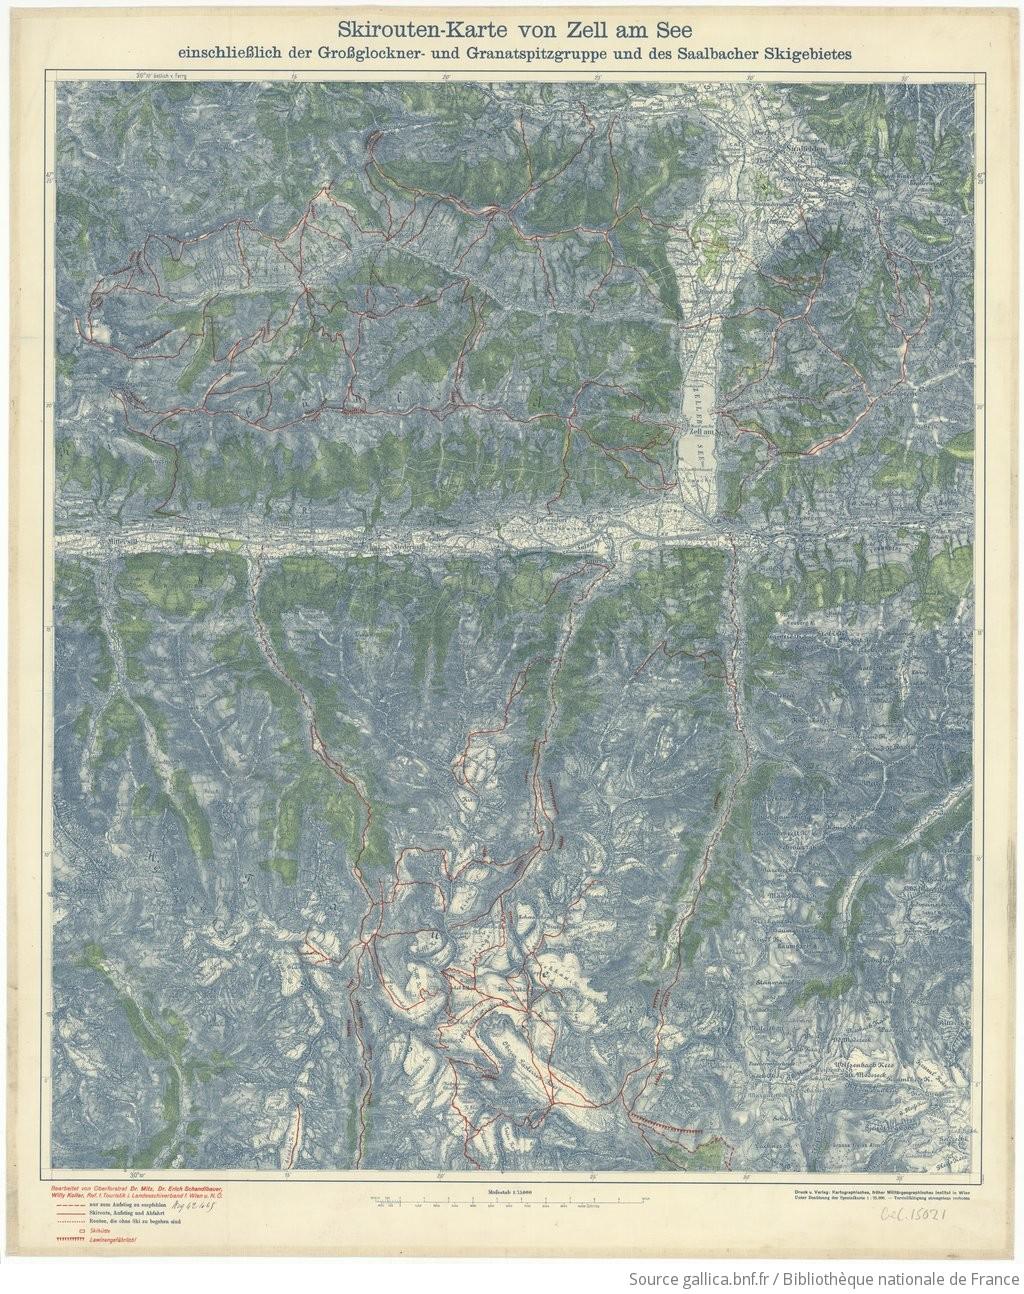 Großglockner Karte.Skirouten Karte Von Zell Am See Einschliesslich Der Grossglockner